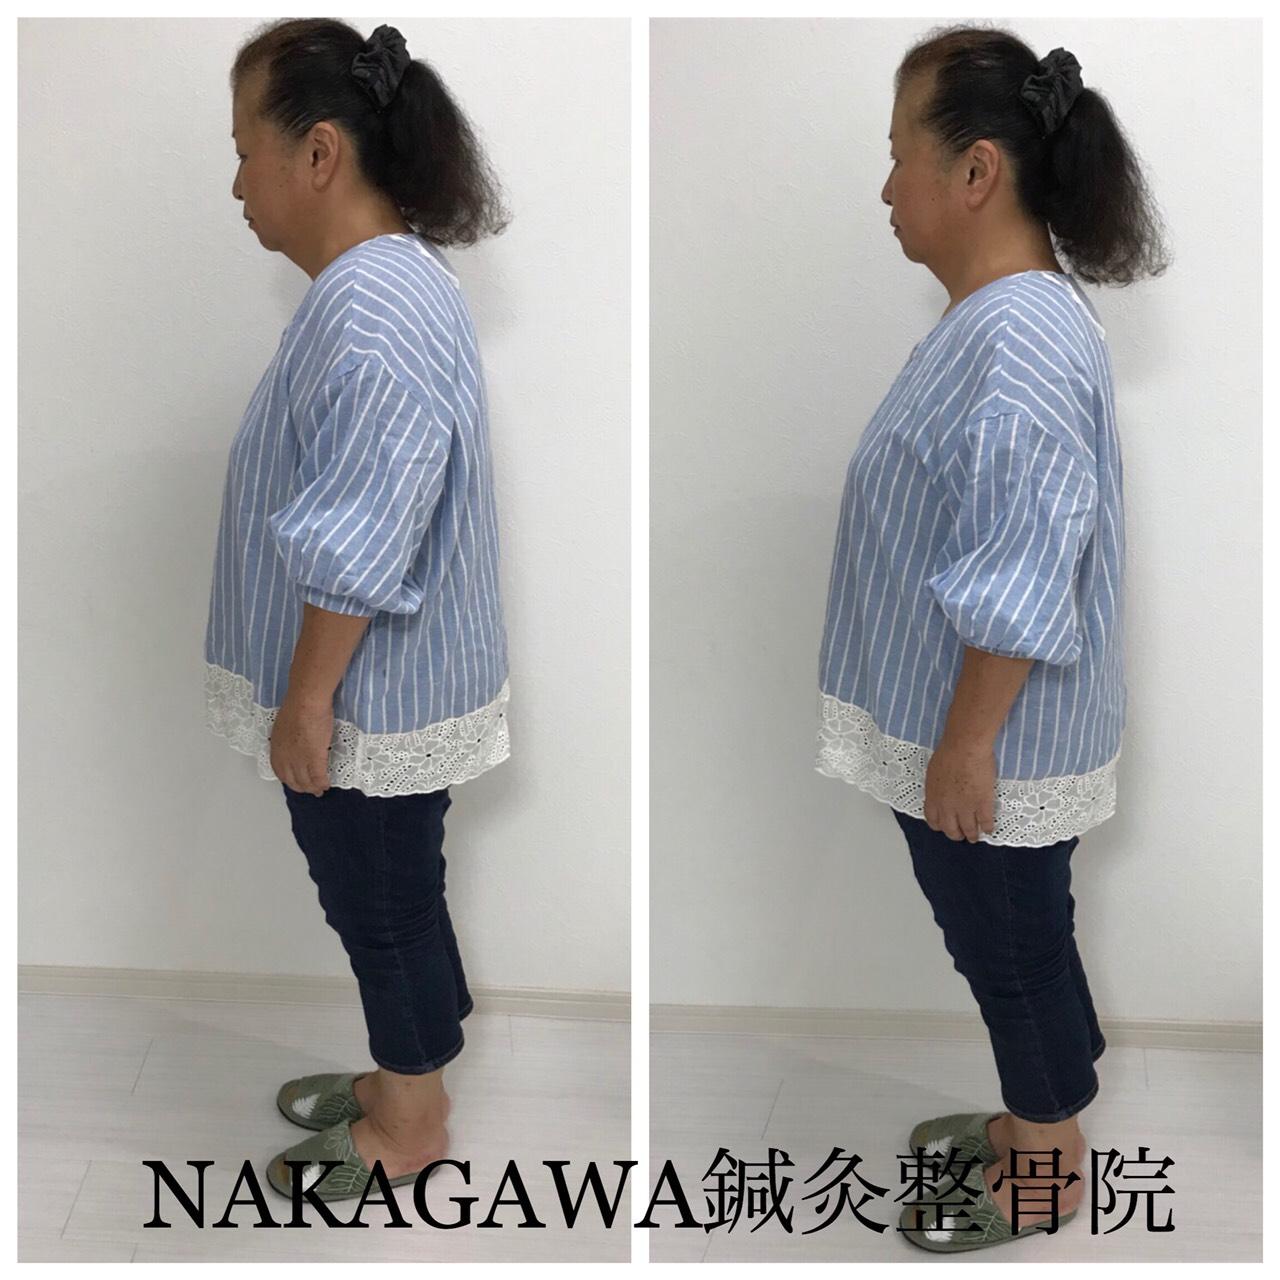 宝塚市 仁川駅 NAKAGAWA整骨院 猫背が改善された60代女性